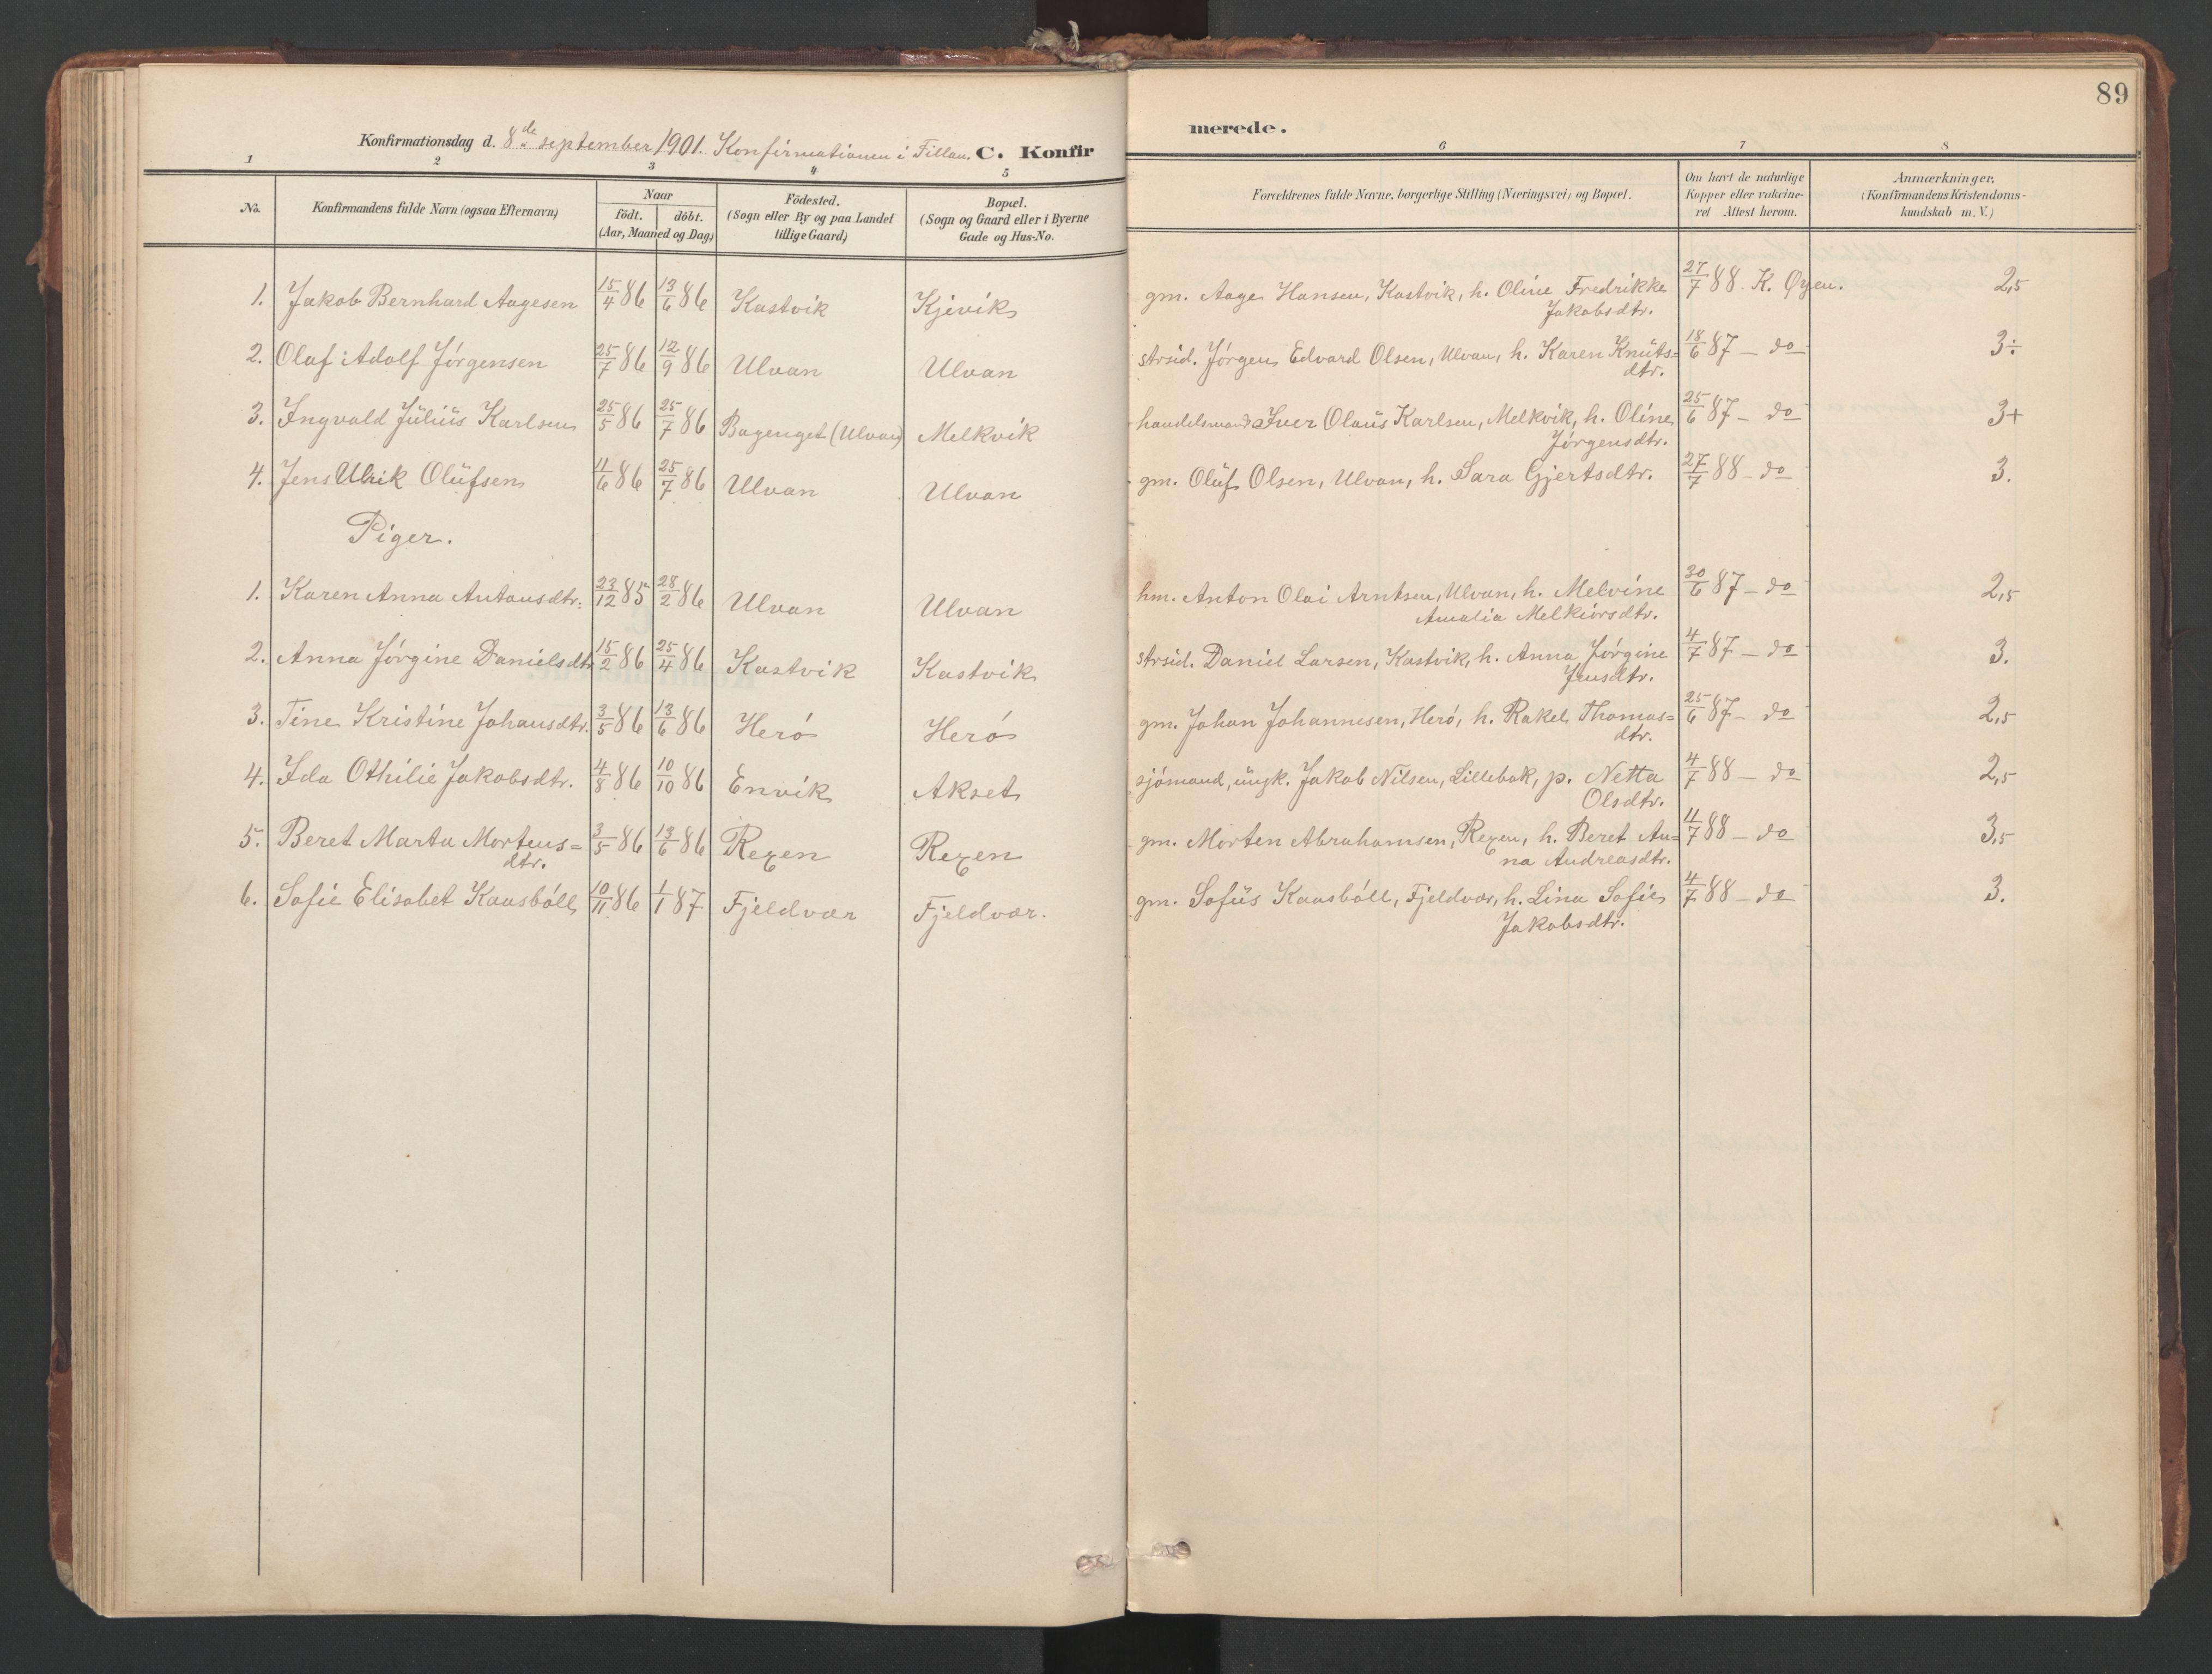 SAT, Ministerialprotokoller, klokkerbøker og fødselsregistre - Sør-Trøndelag, 638/L0568: Ministerialbok nr. 638A01, 1901-1916, s. 89